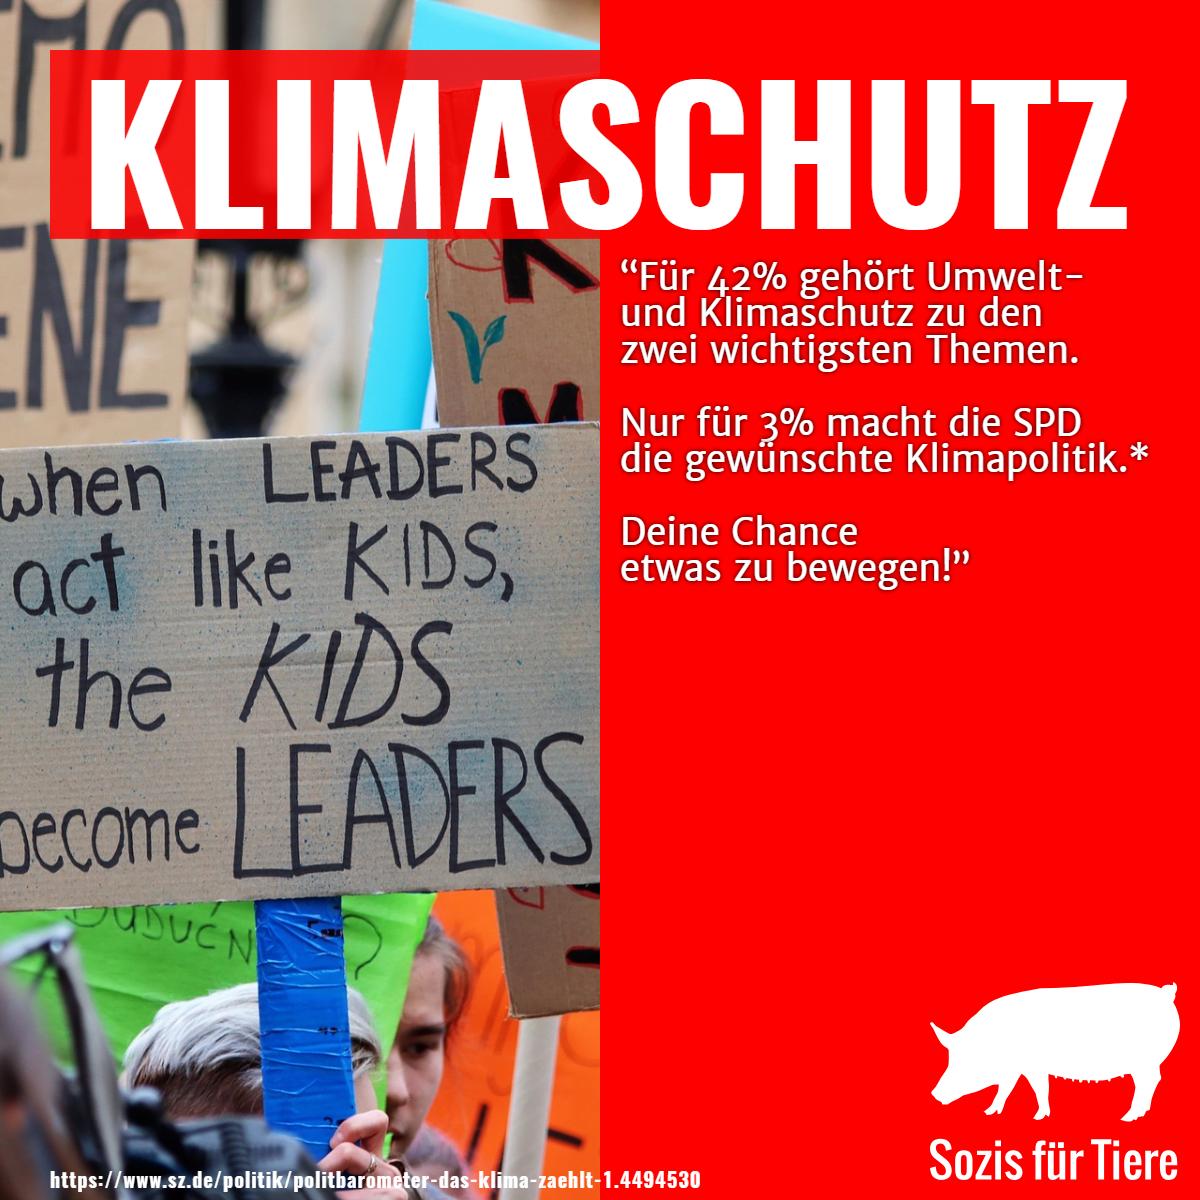 Klimaschutz: Für 42% gehört Umwelt- und Klimaschutz zu den zwei wichtigsten Themen. Nur für 3% macht die SPD die gewünschte Klimapolitik. Deine Chance etwas zu bewegen.